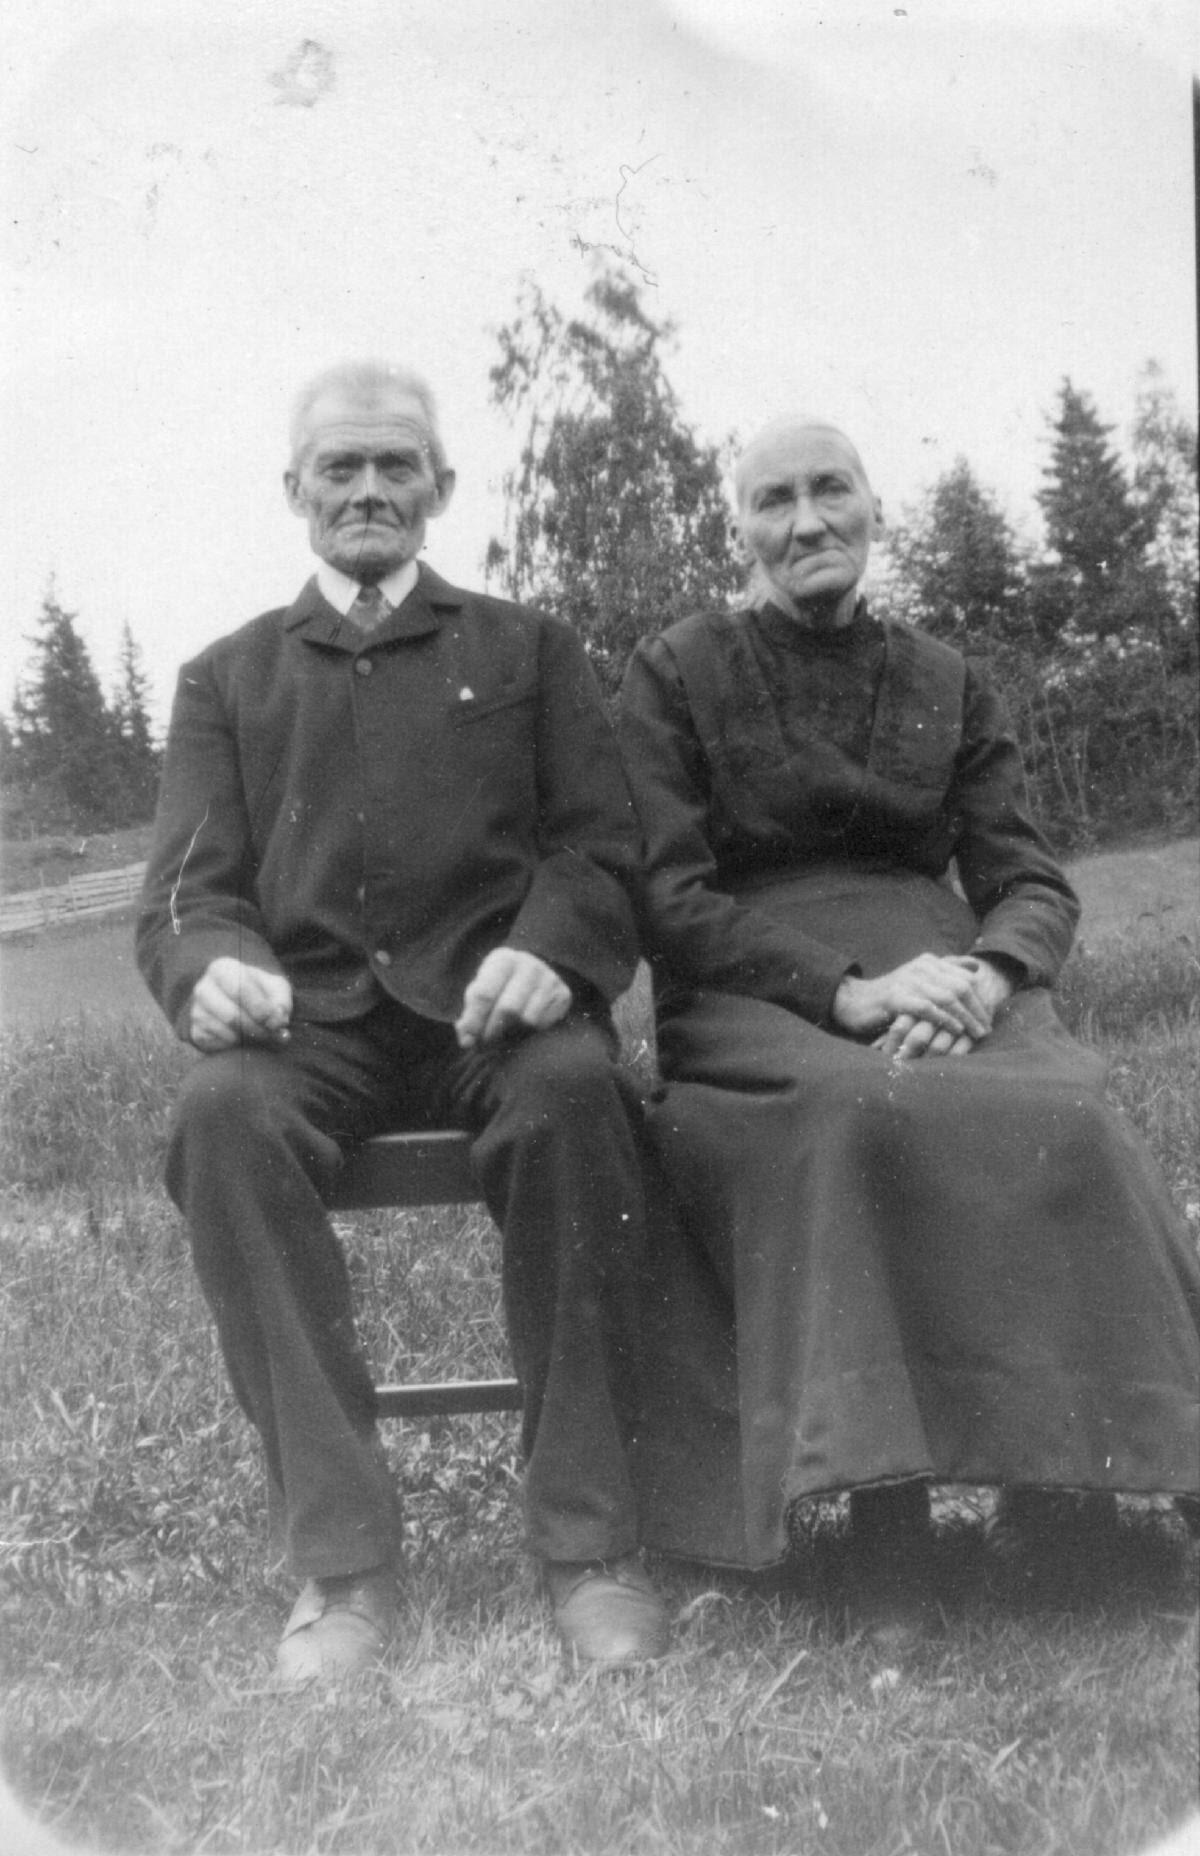 Andreas og Nikoline Spilsetbakk, Åsen Museum og Historielag, CC-BY-2.0